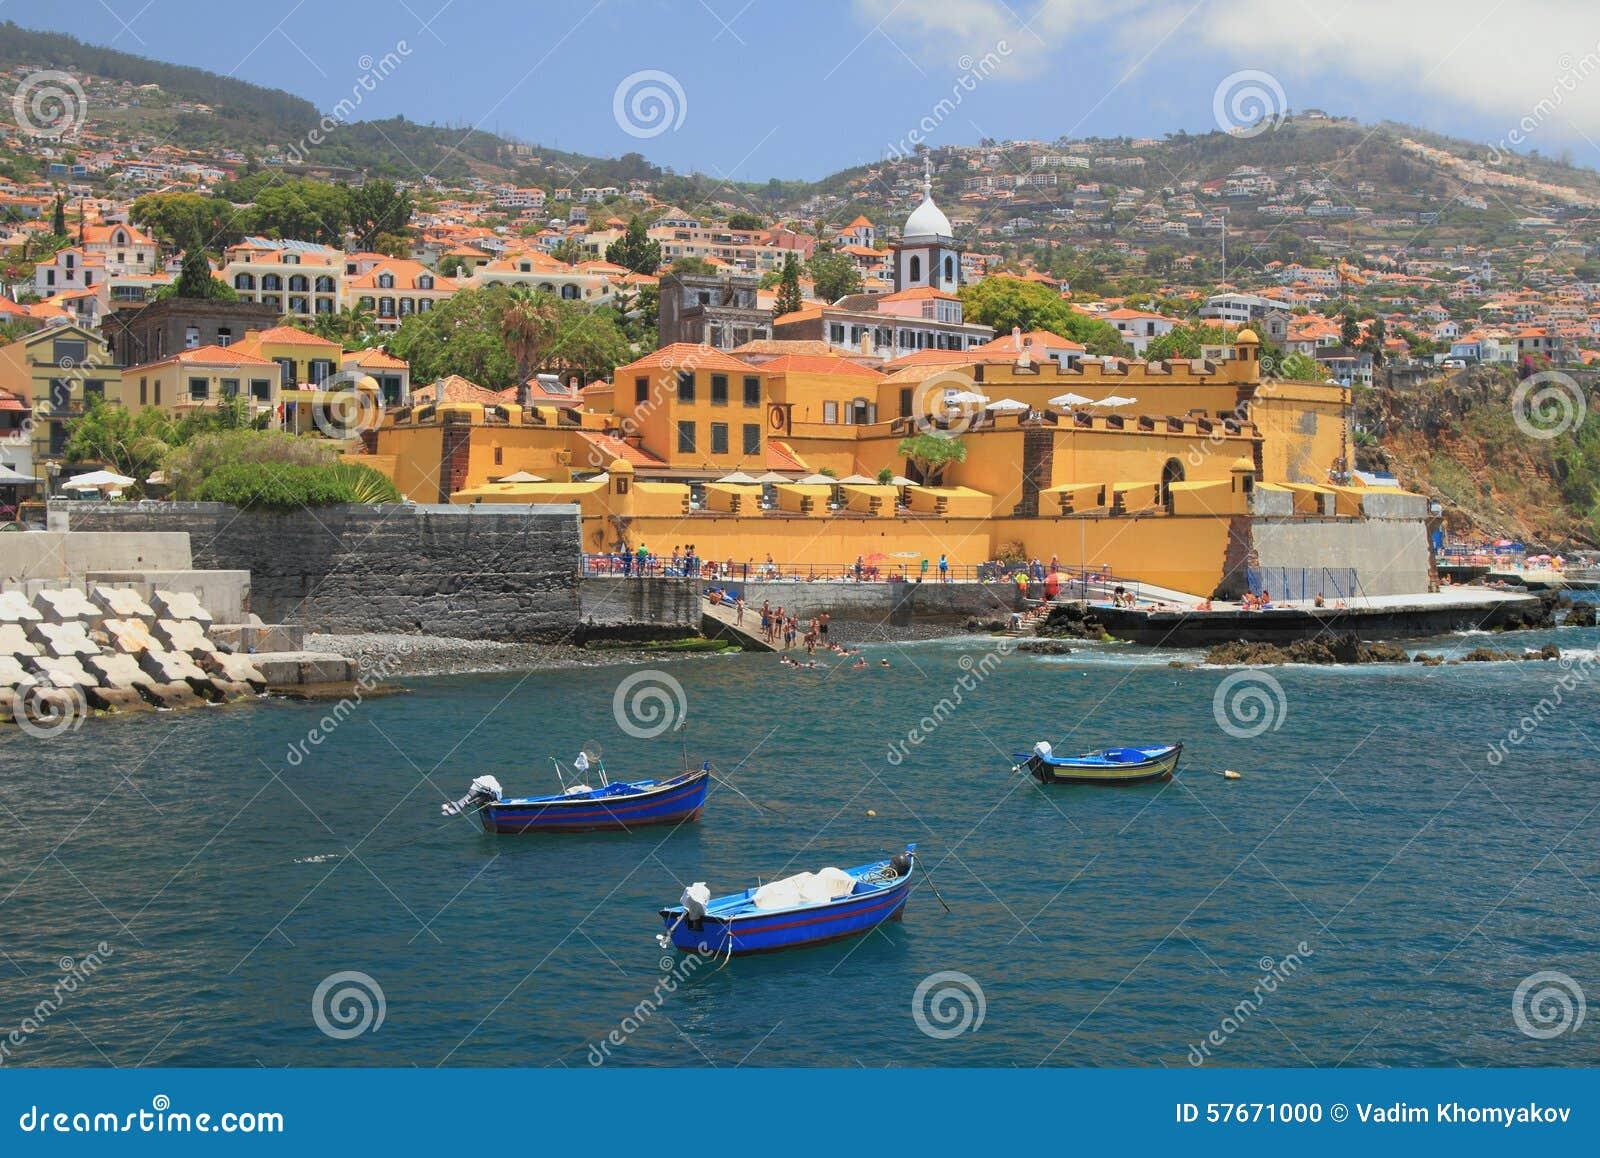 渔船、城市海滩和古老堡垒 丰沙尔马德拉岛葡萄牙